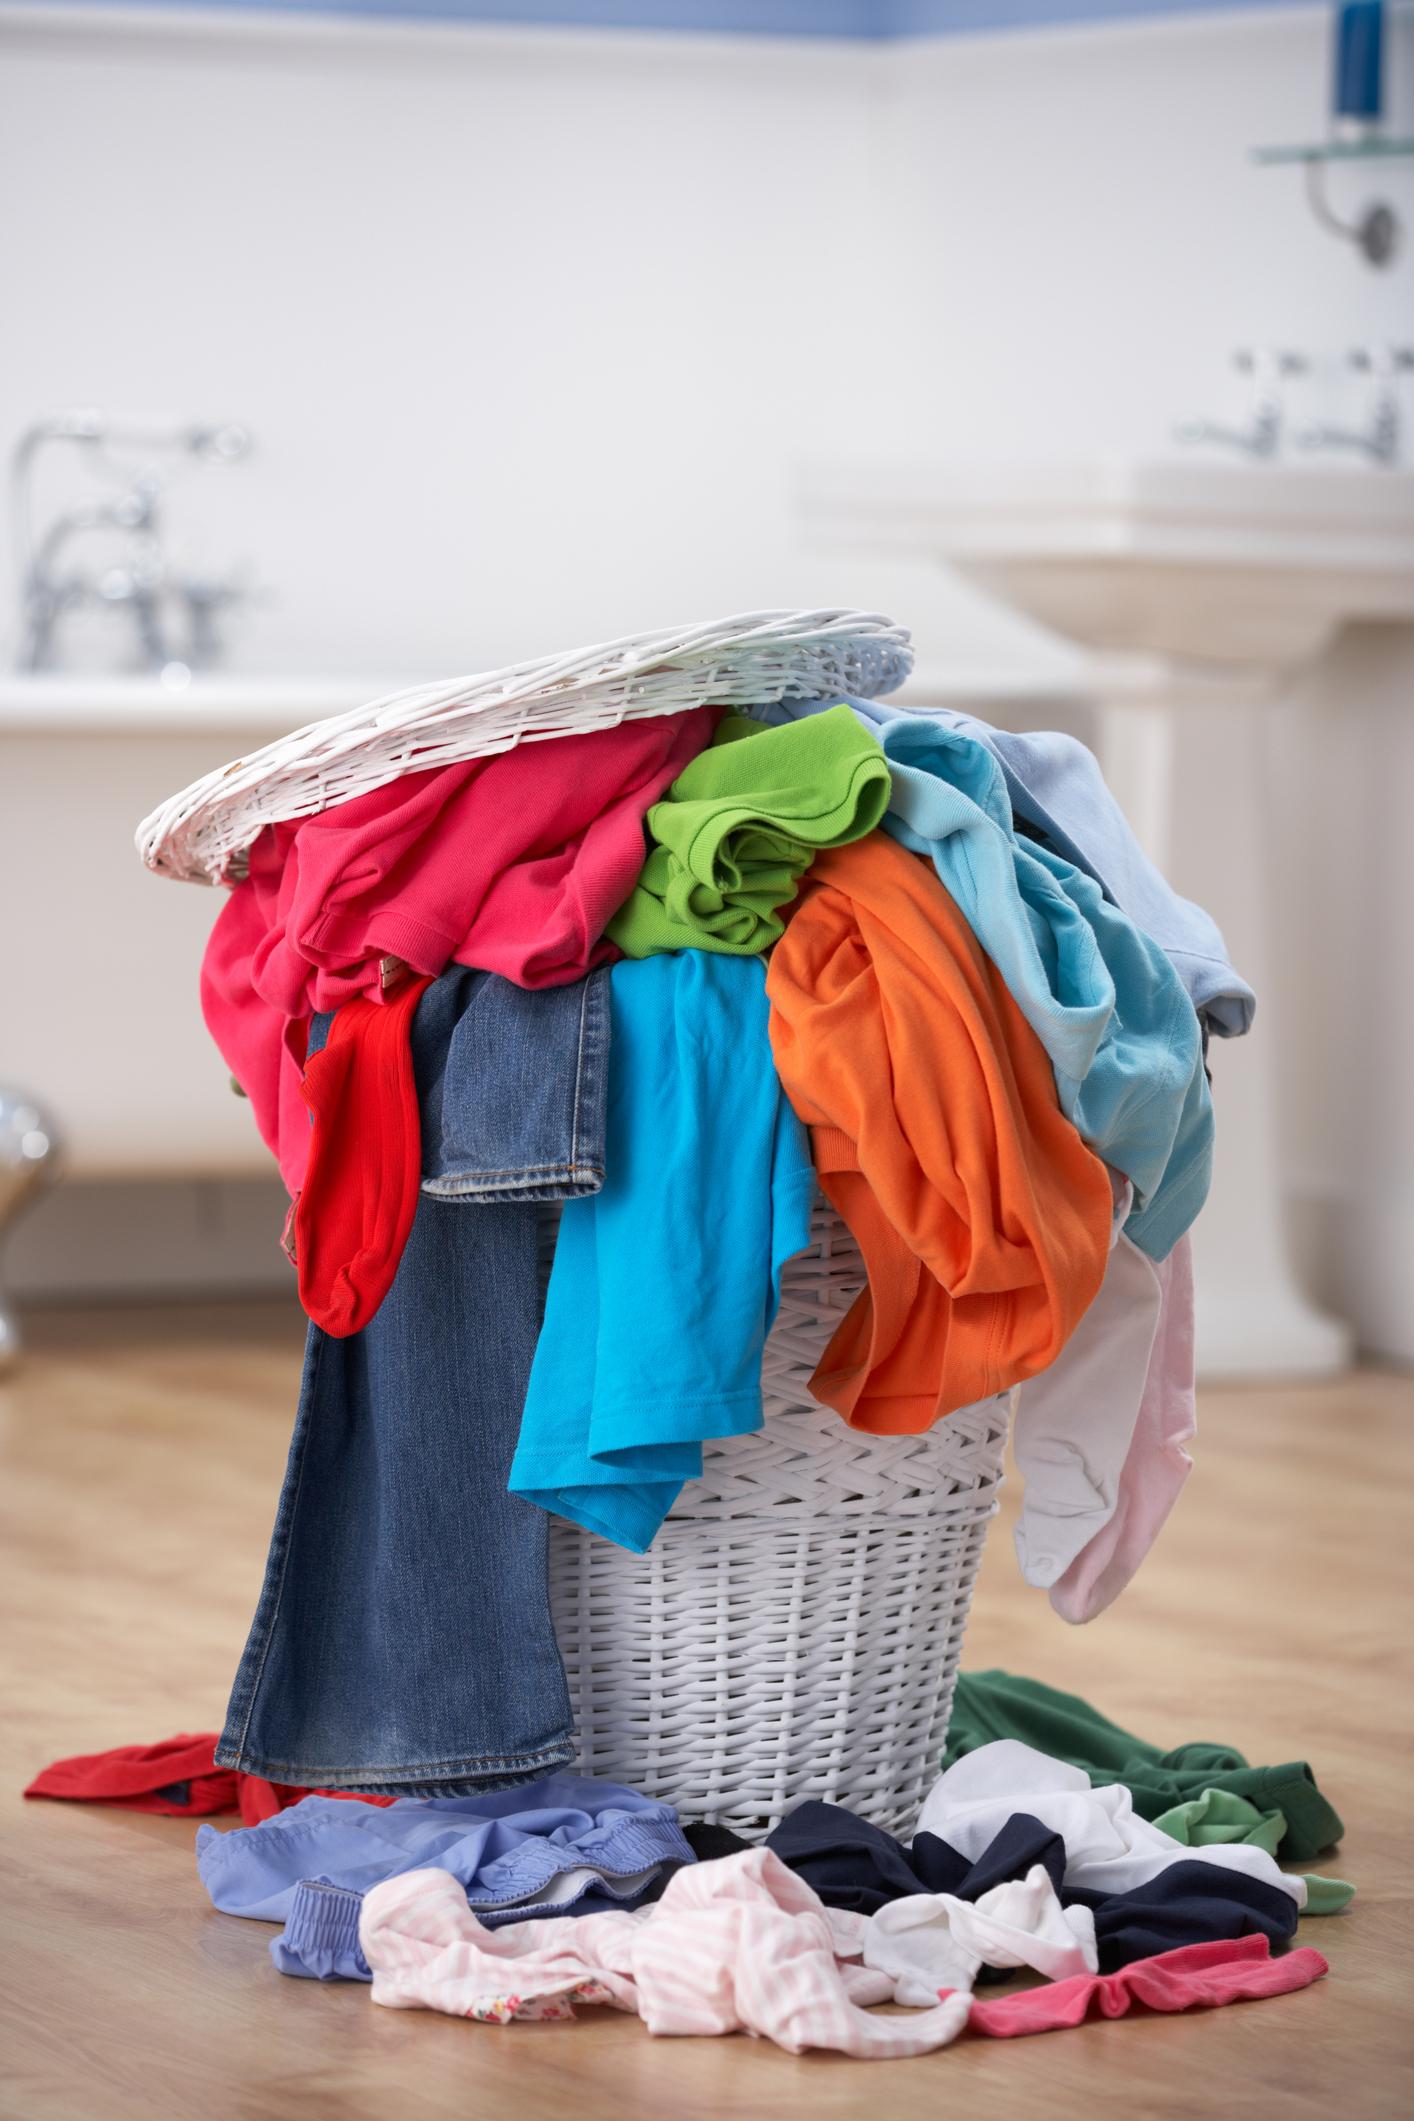 Кош за пране - той не само заема много място в малката баня, но и създава усещане за хаус и неподреденост, особено когато е пълен. Може да го скриете в някой пригоден за това шкаф под мивката, или да го преместите в мокрото помещение до пералнята ви, например, ако имате такова.